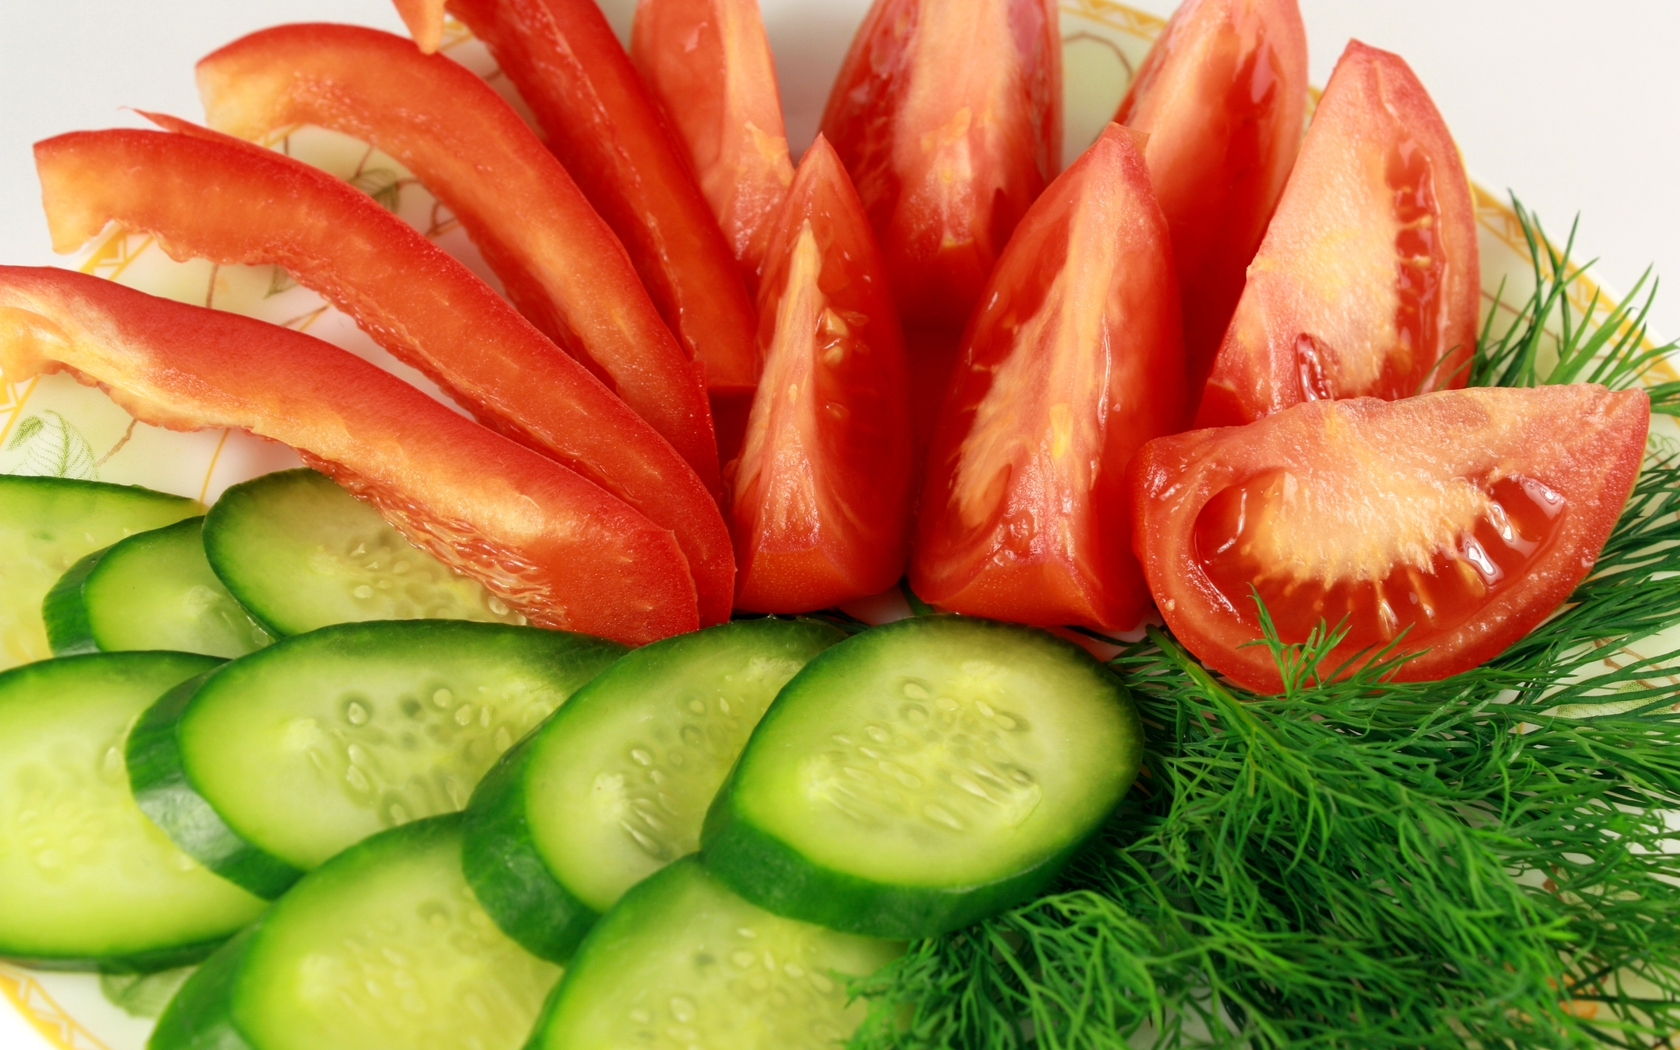 В Казахстане цены на овощи взлетели на 20%